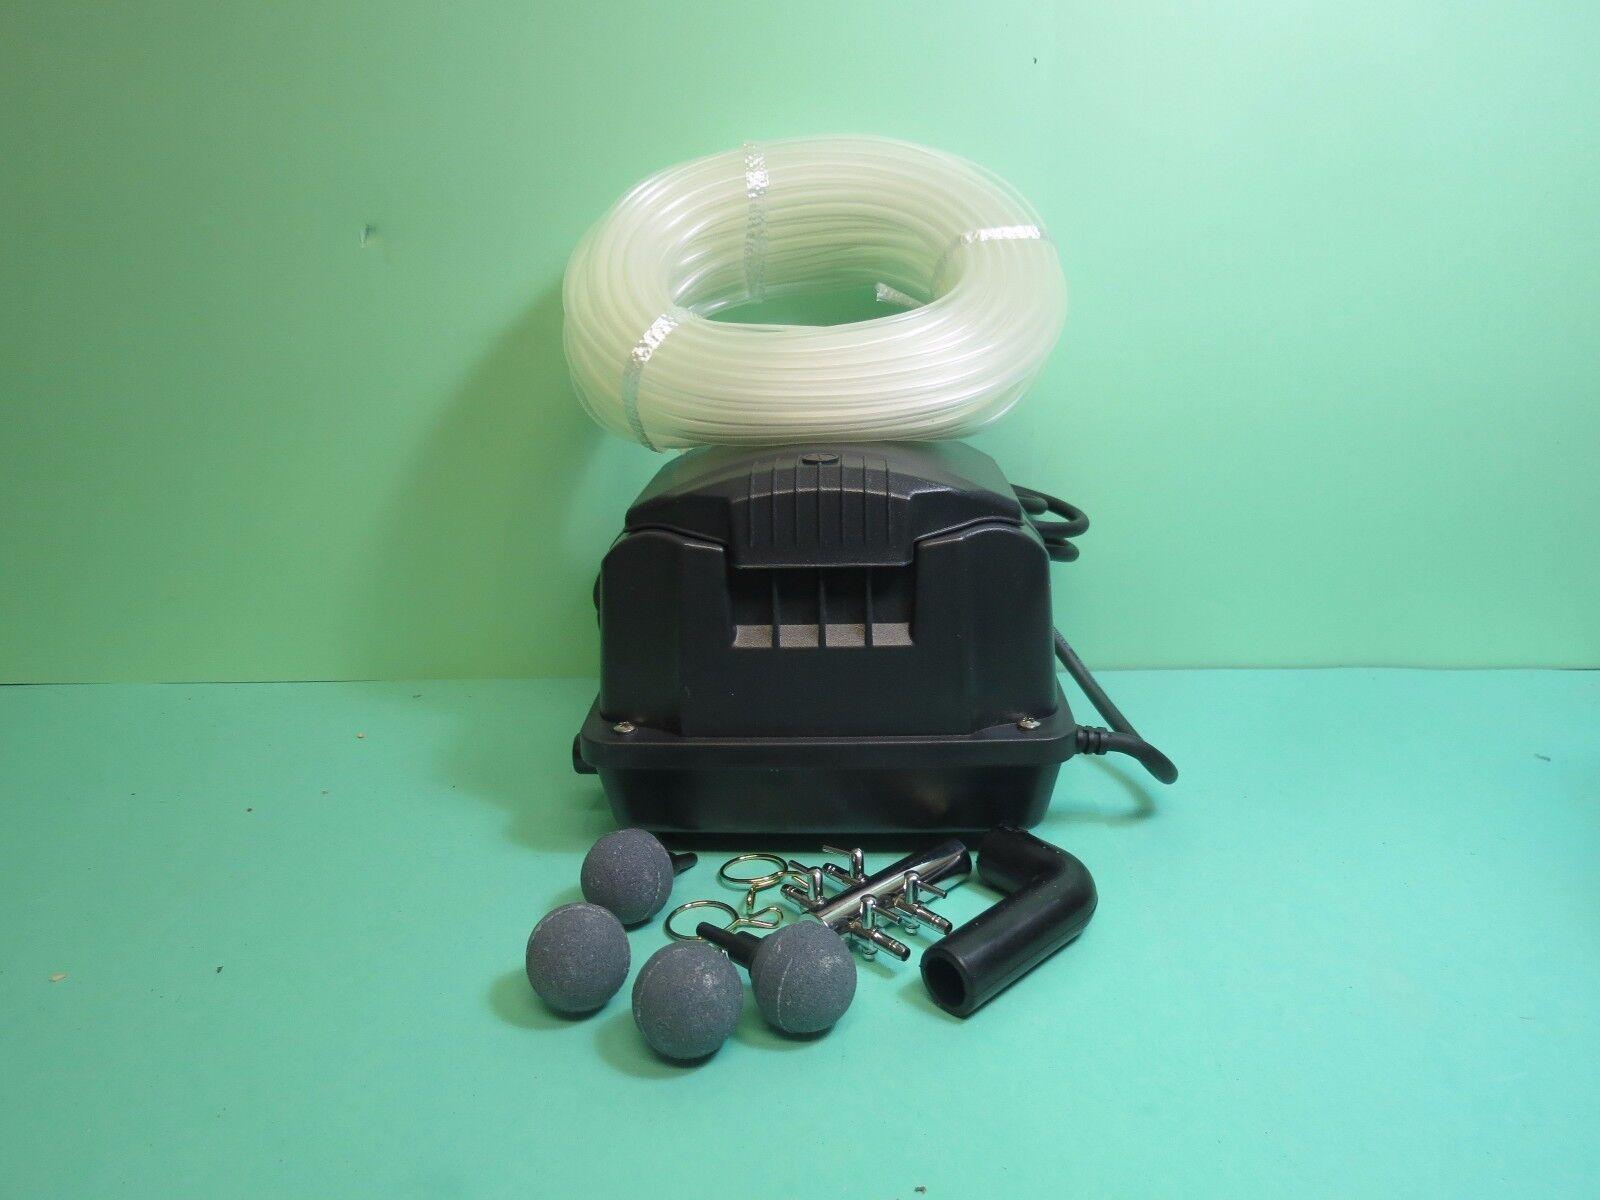 Aquaking Membrankompressor AK2 20 15 Watt für Gartenteich,Sauerstoff